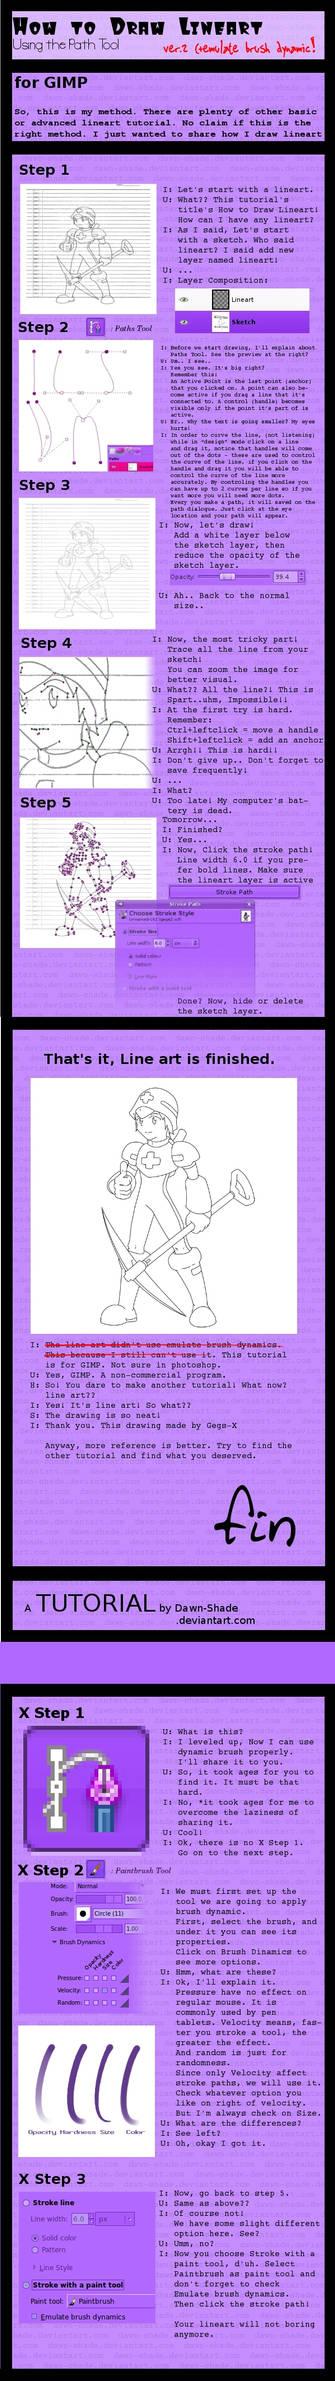 Line Art Tutorial v.2 using GIMP